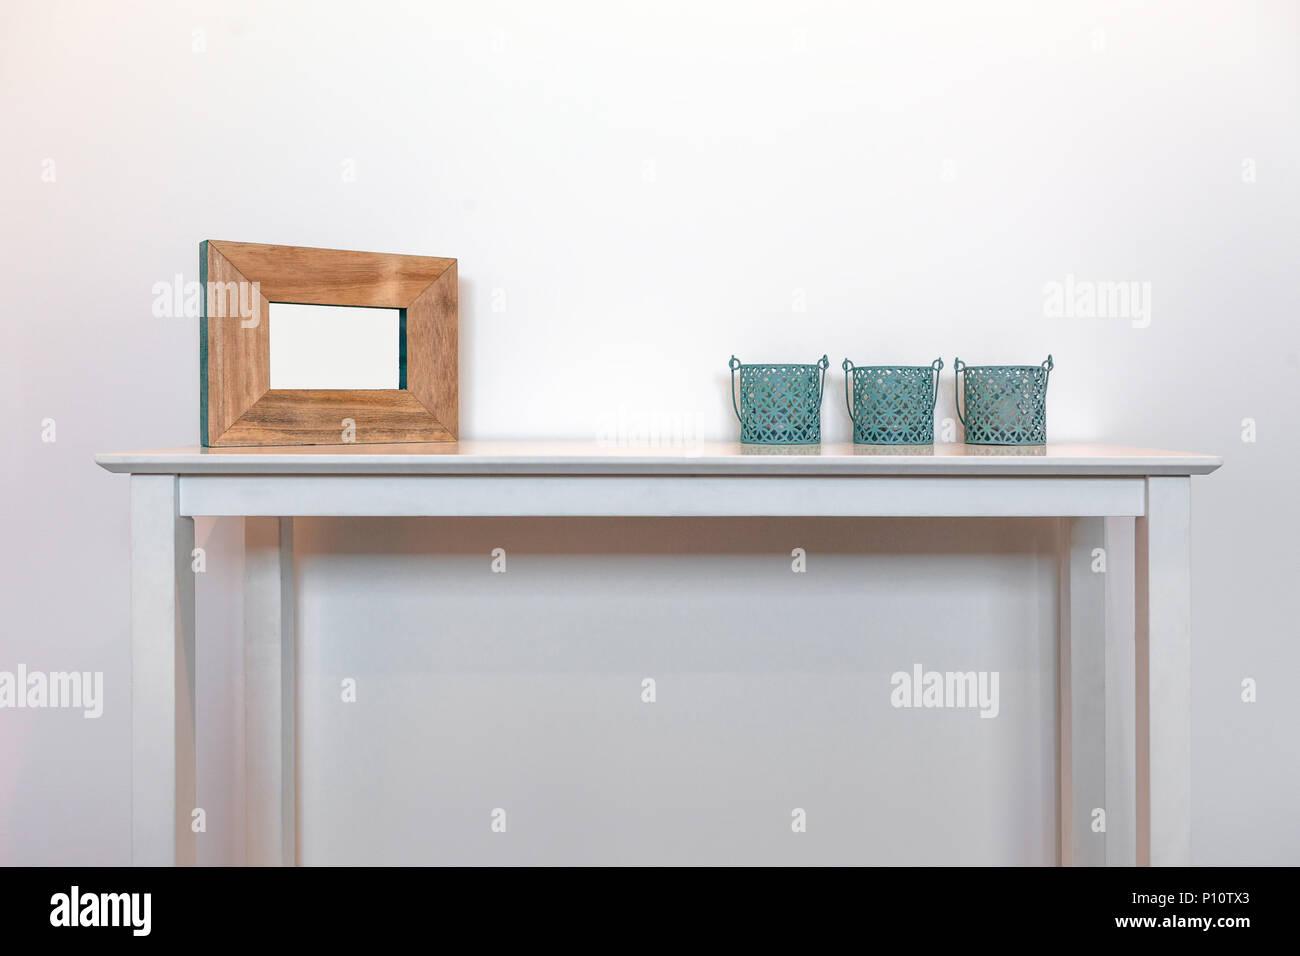 cadre photo vide avec trois supports de bougie décorative sur le